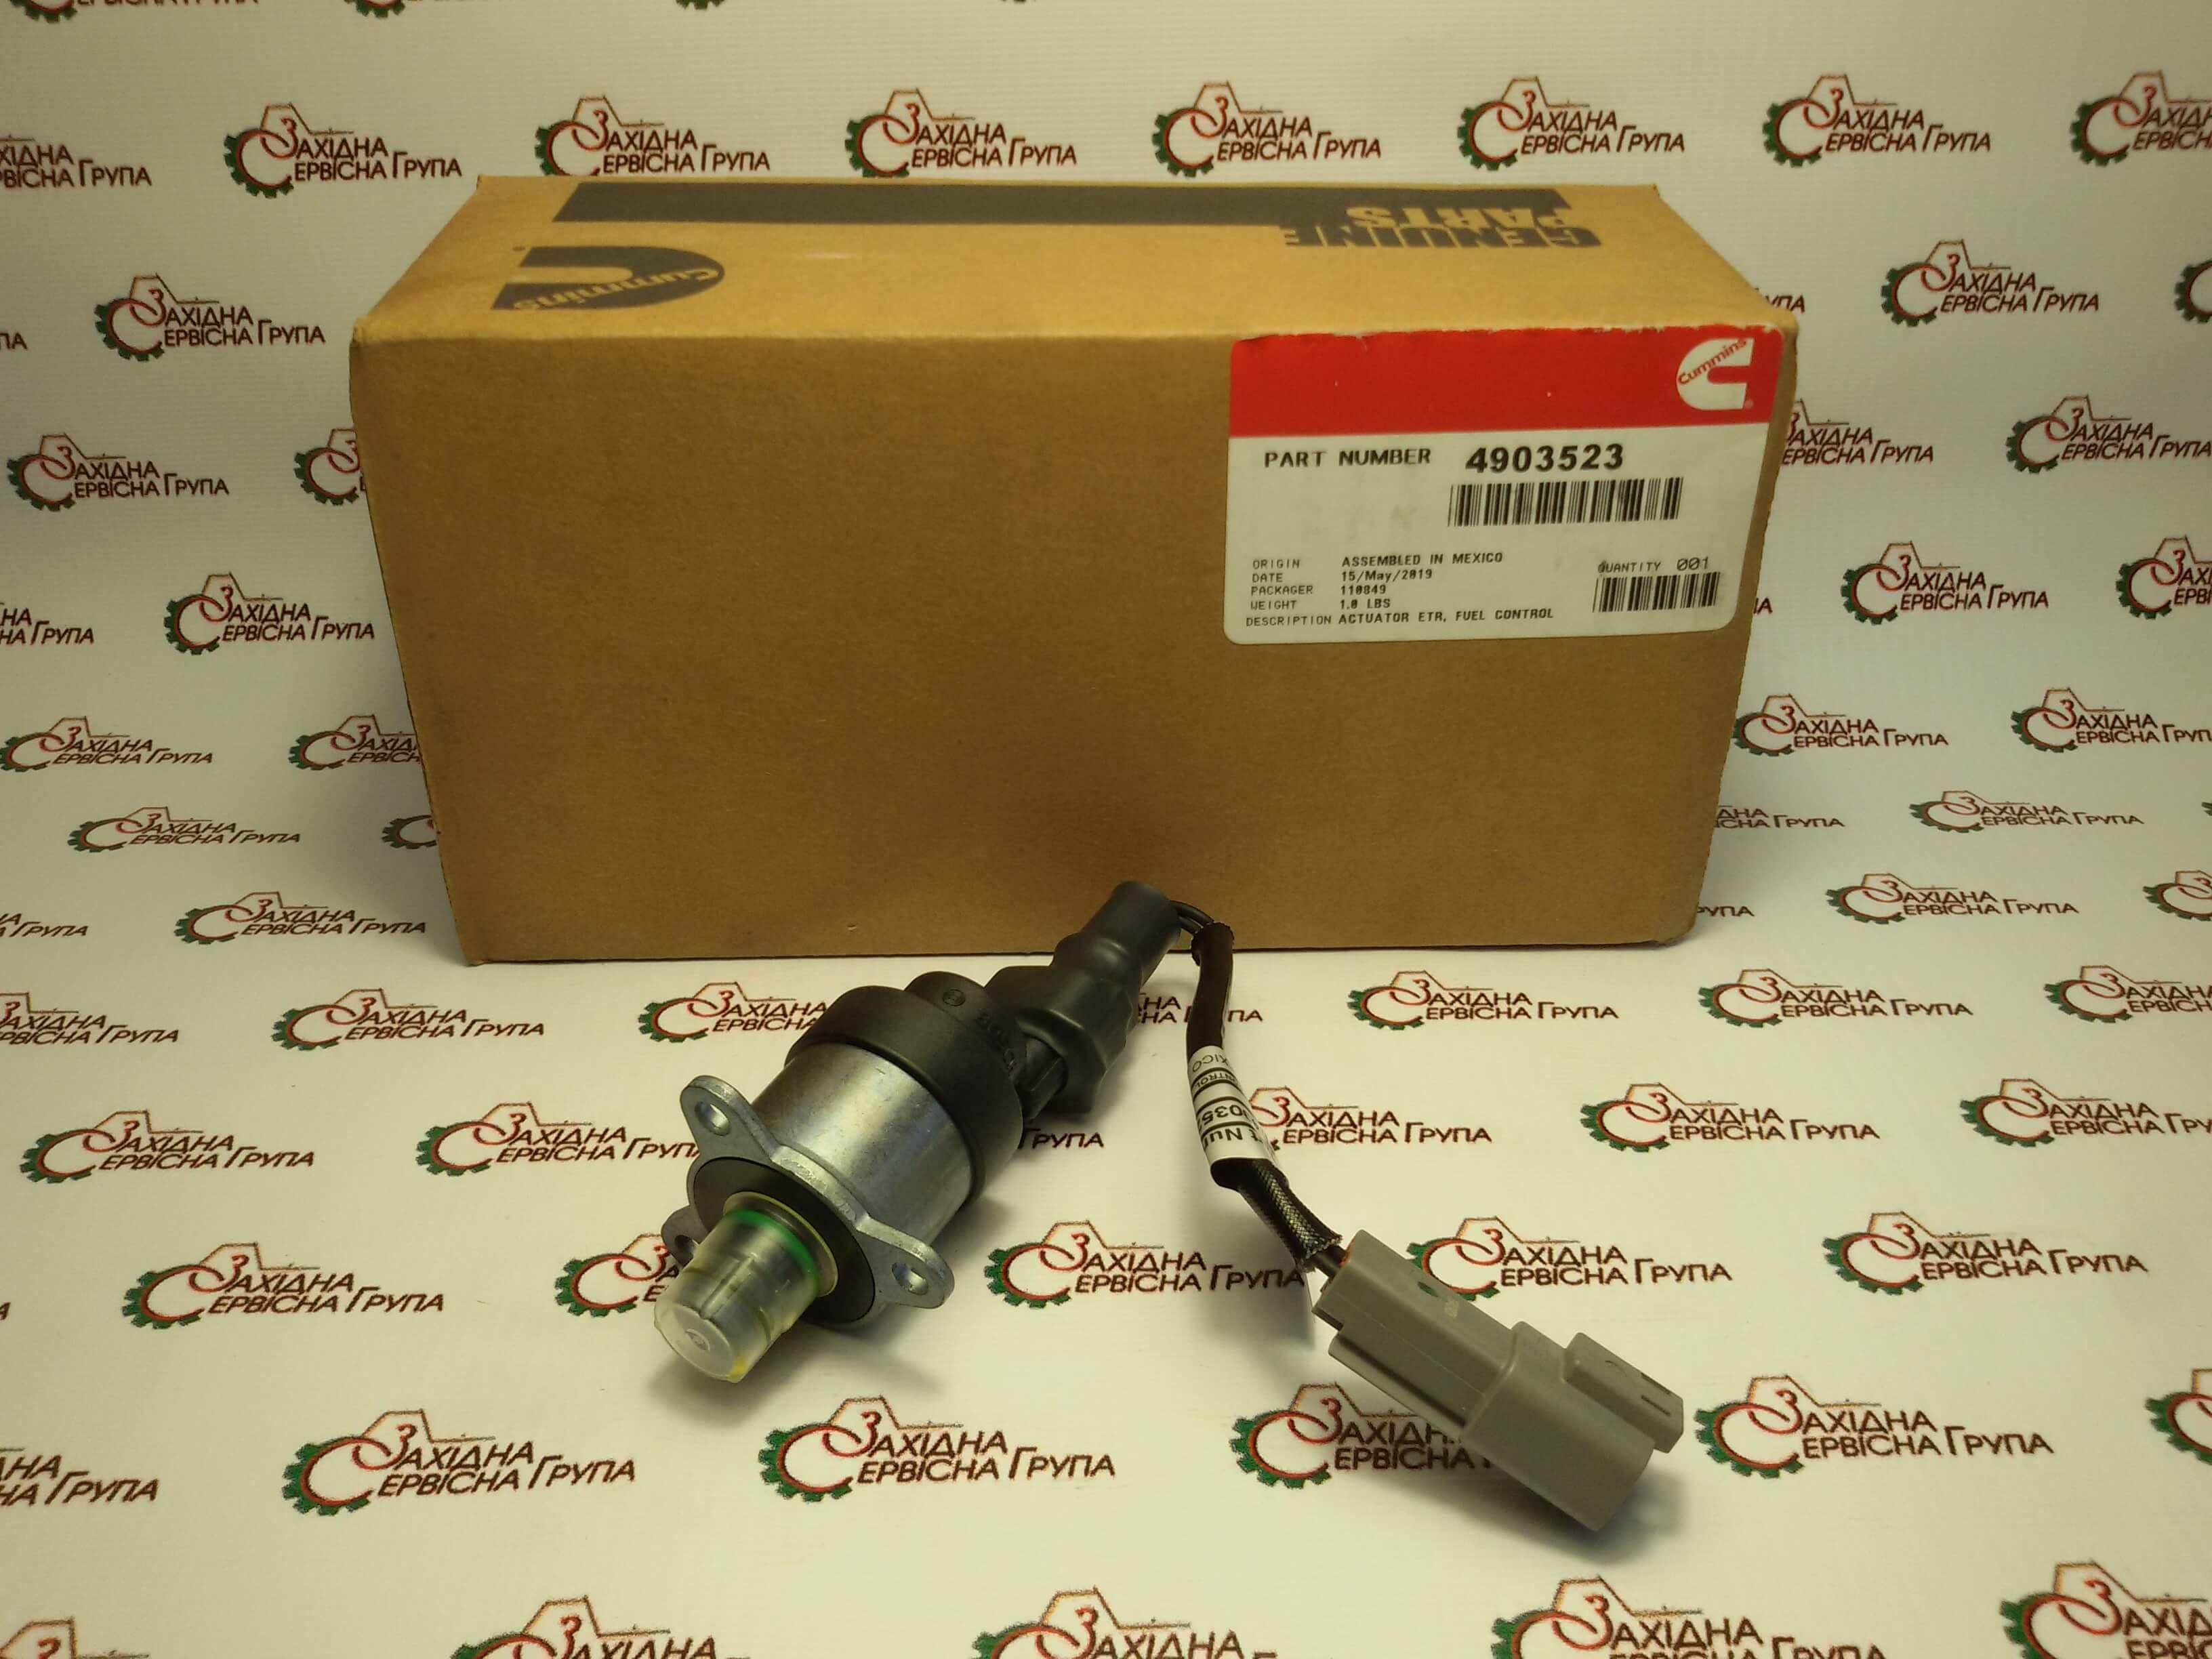 Актуатор (дозатор палива ) Cummins ISL, QSL9, 4903523, 4903282, 4902916, 4937597.